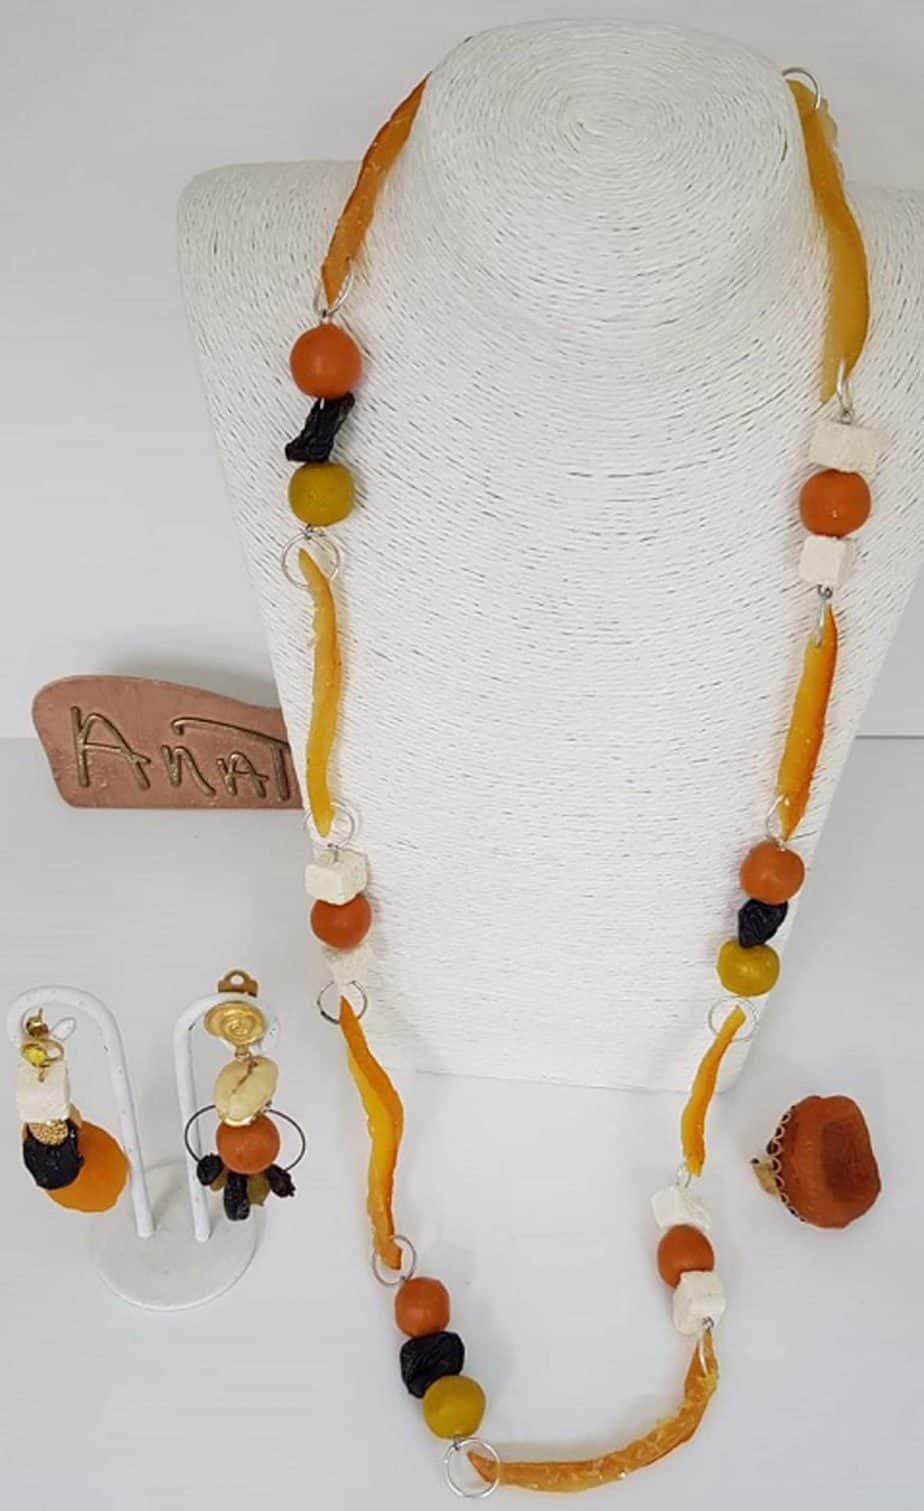 קולקצית תכשיטי פירות לטו בשבט של המעצבת ענת פרץ-מנגו דובדבנים-צילום יחצ